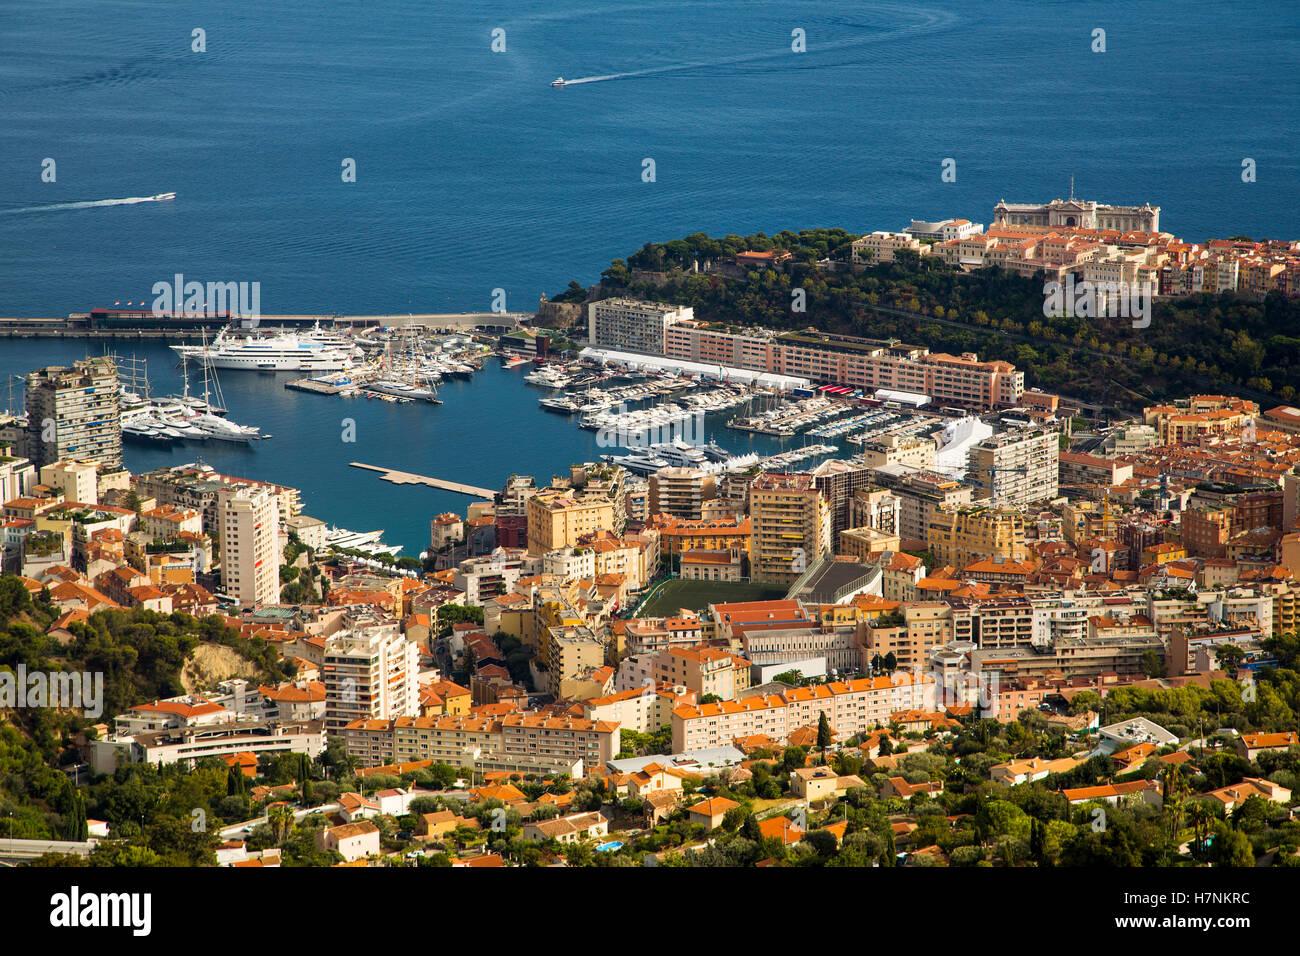 Principato di Monaco. Monte Carlo. Costa Azzurra, Cote d'Azur. Mare Mediterraneo, Europa Immagini Stock